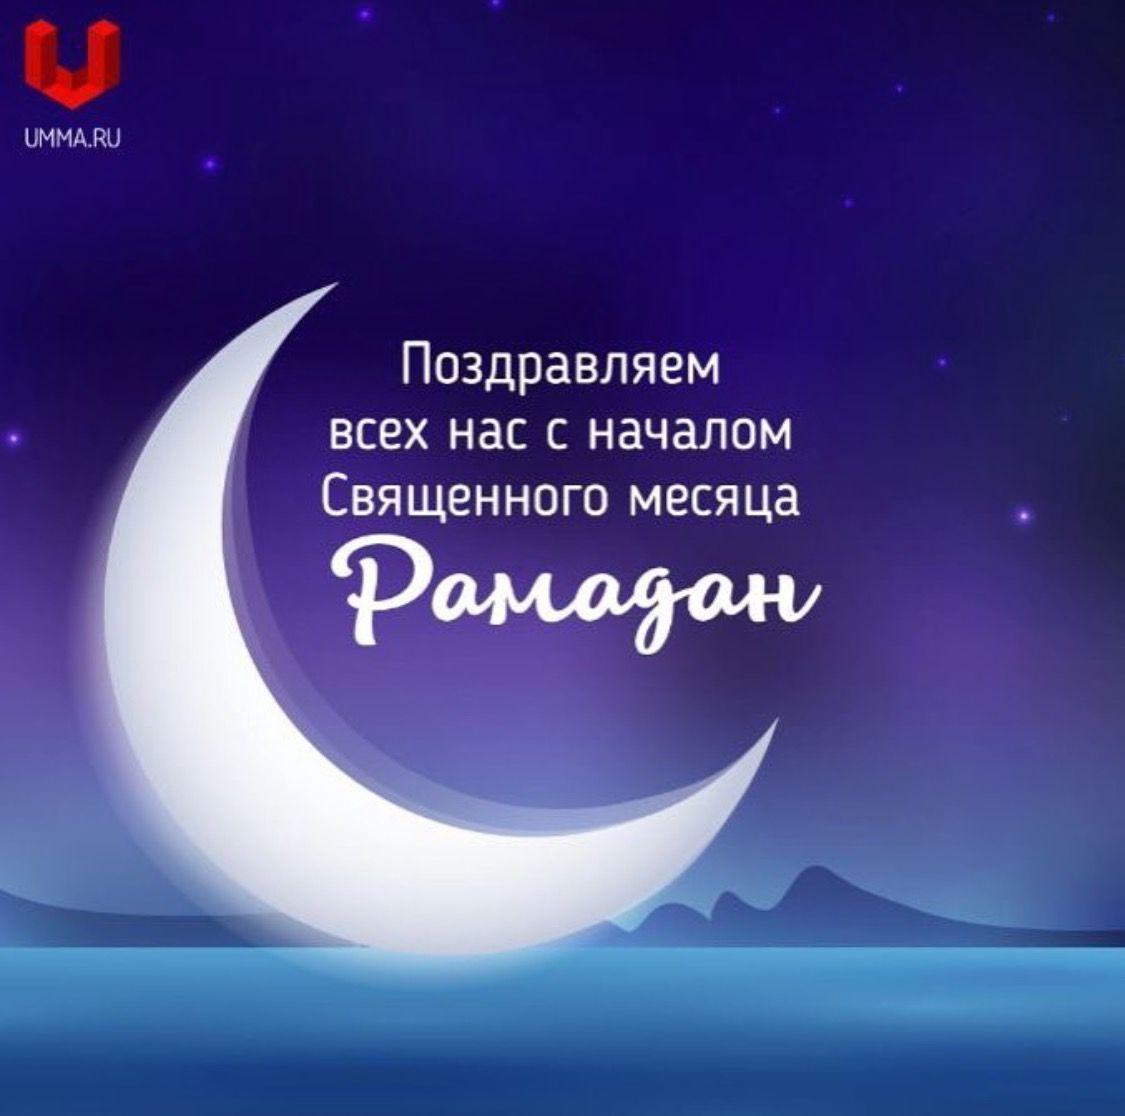 Священный месяц рамадан открытка, картинки для